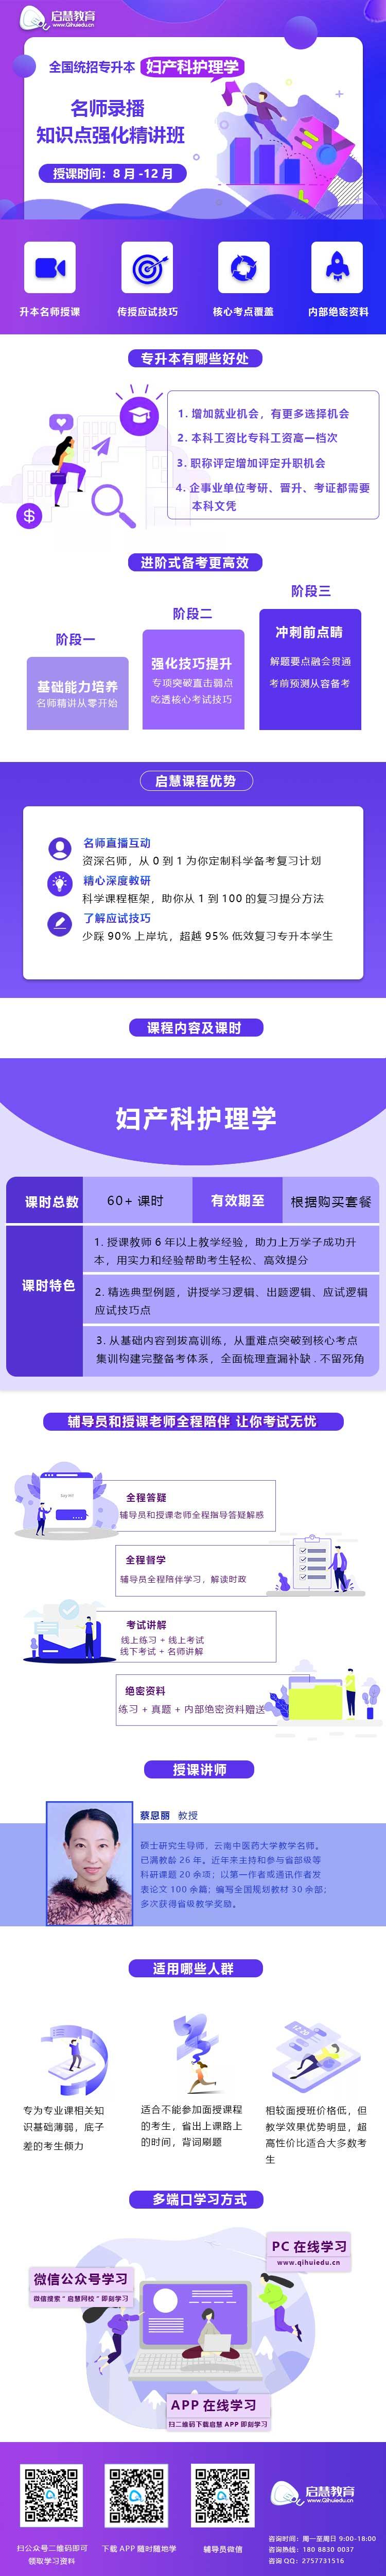 2021年云南统招专升本精讲课《妇产科护理学》